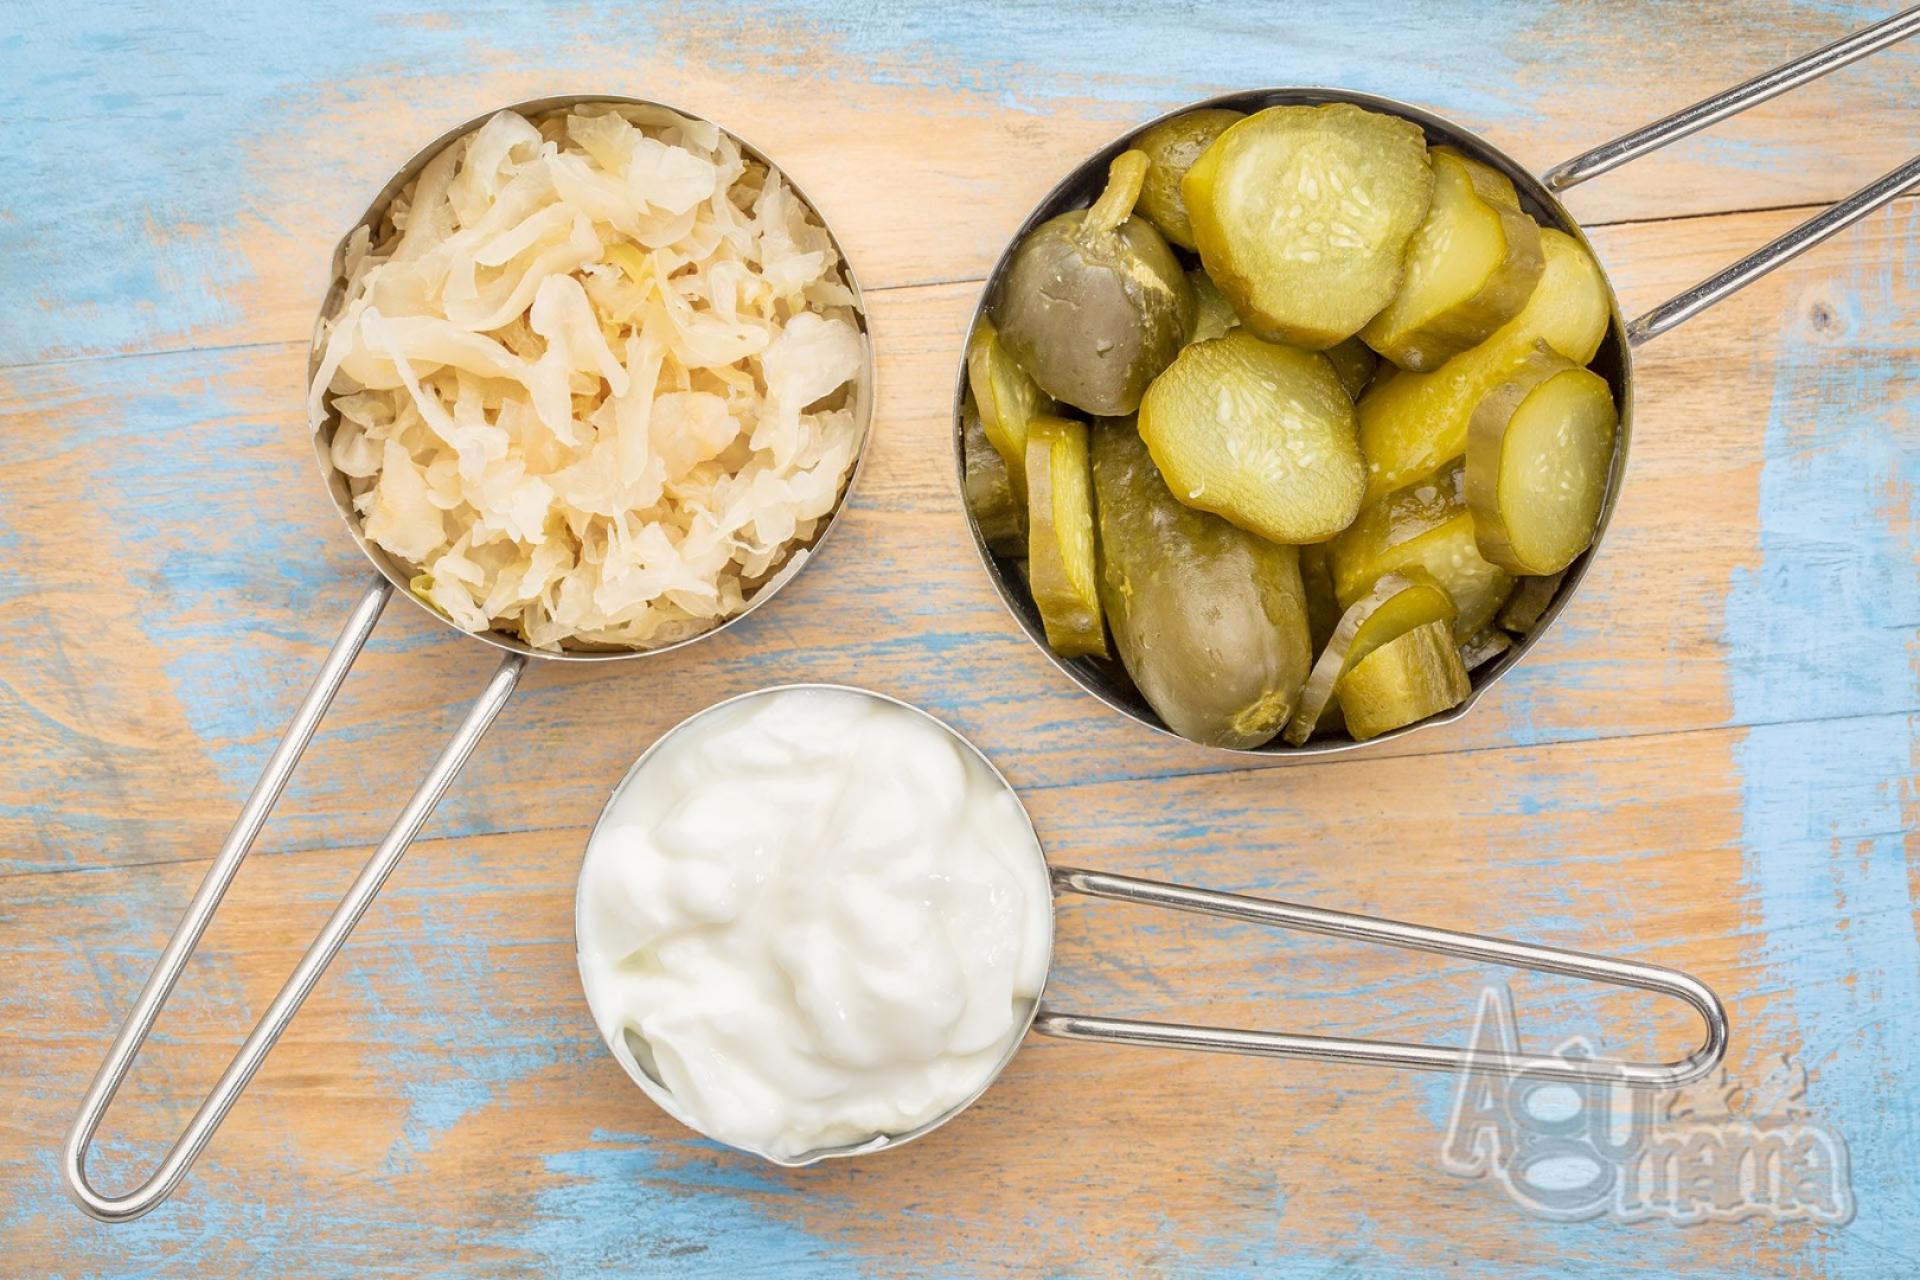 naturalne probiotyki czyli kiszonki i przetwory mleczne